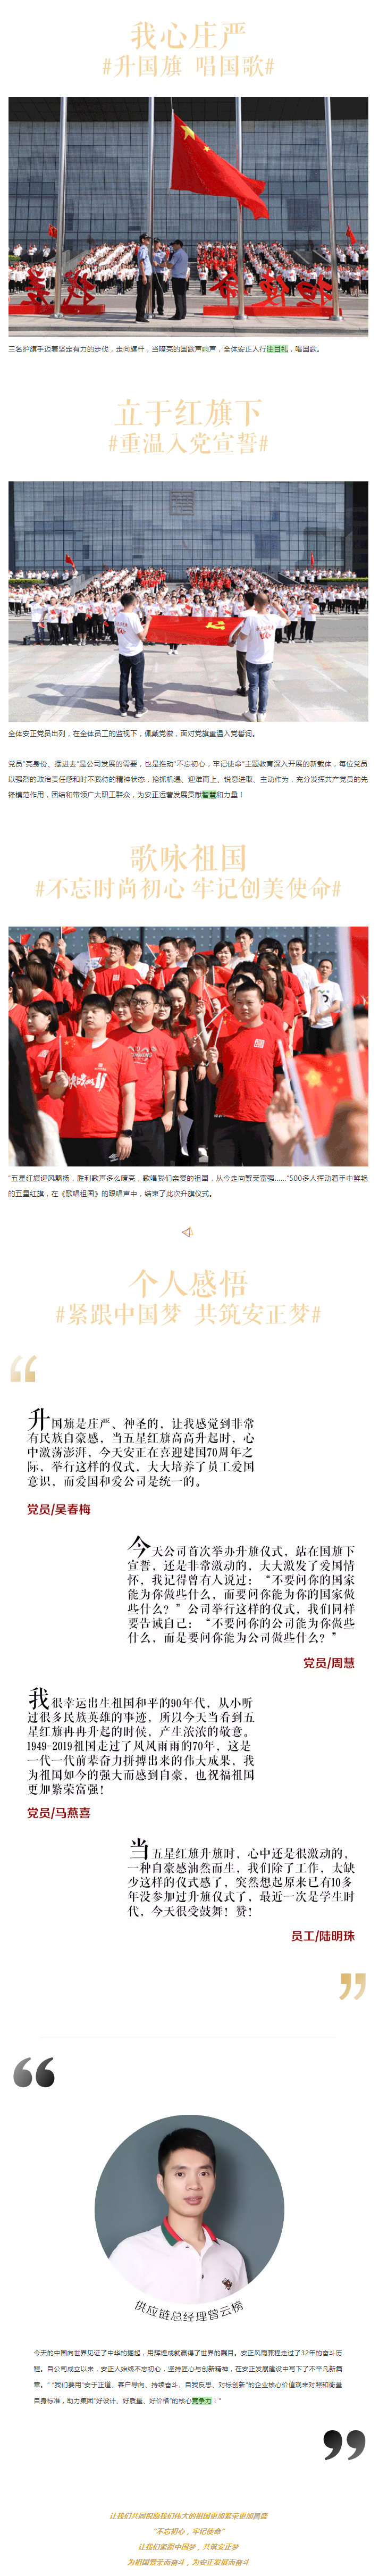 幸福中国70年丨秋风猎国旗,晨曦迎华诞!.jpg